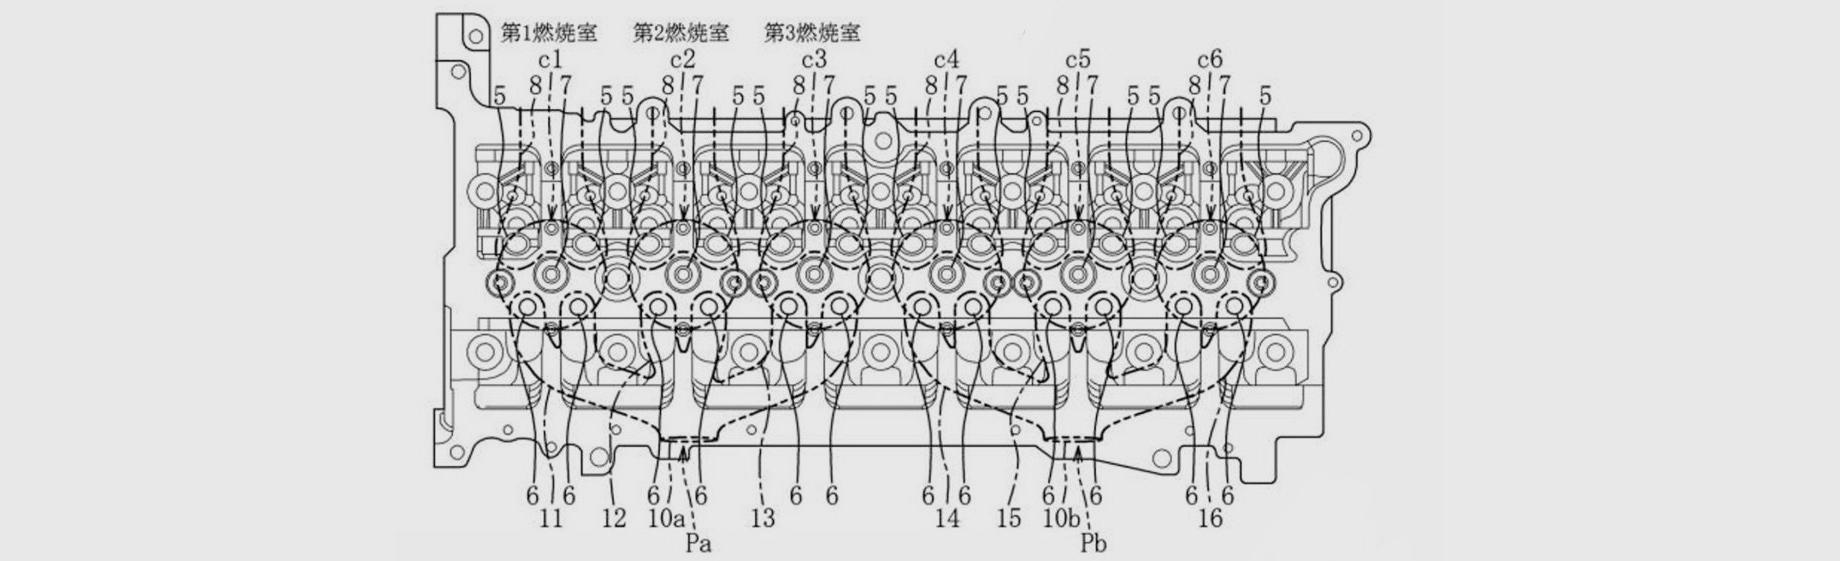 Умарки Mazda появится оригинальная рядная «шестёрка»